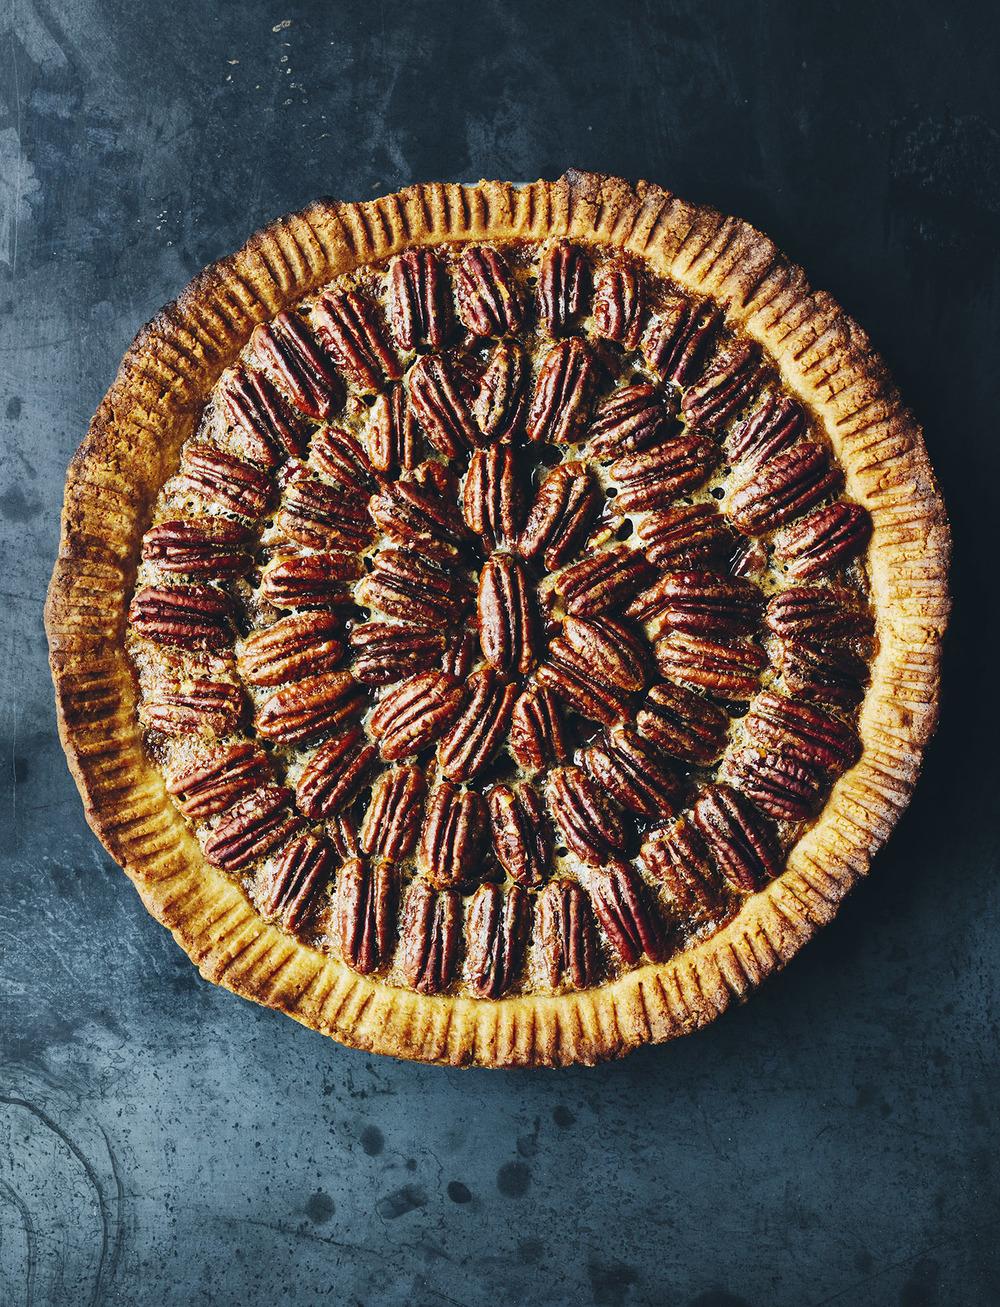 Pie_Pecan0003_final.jpg